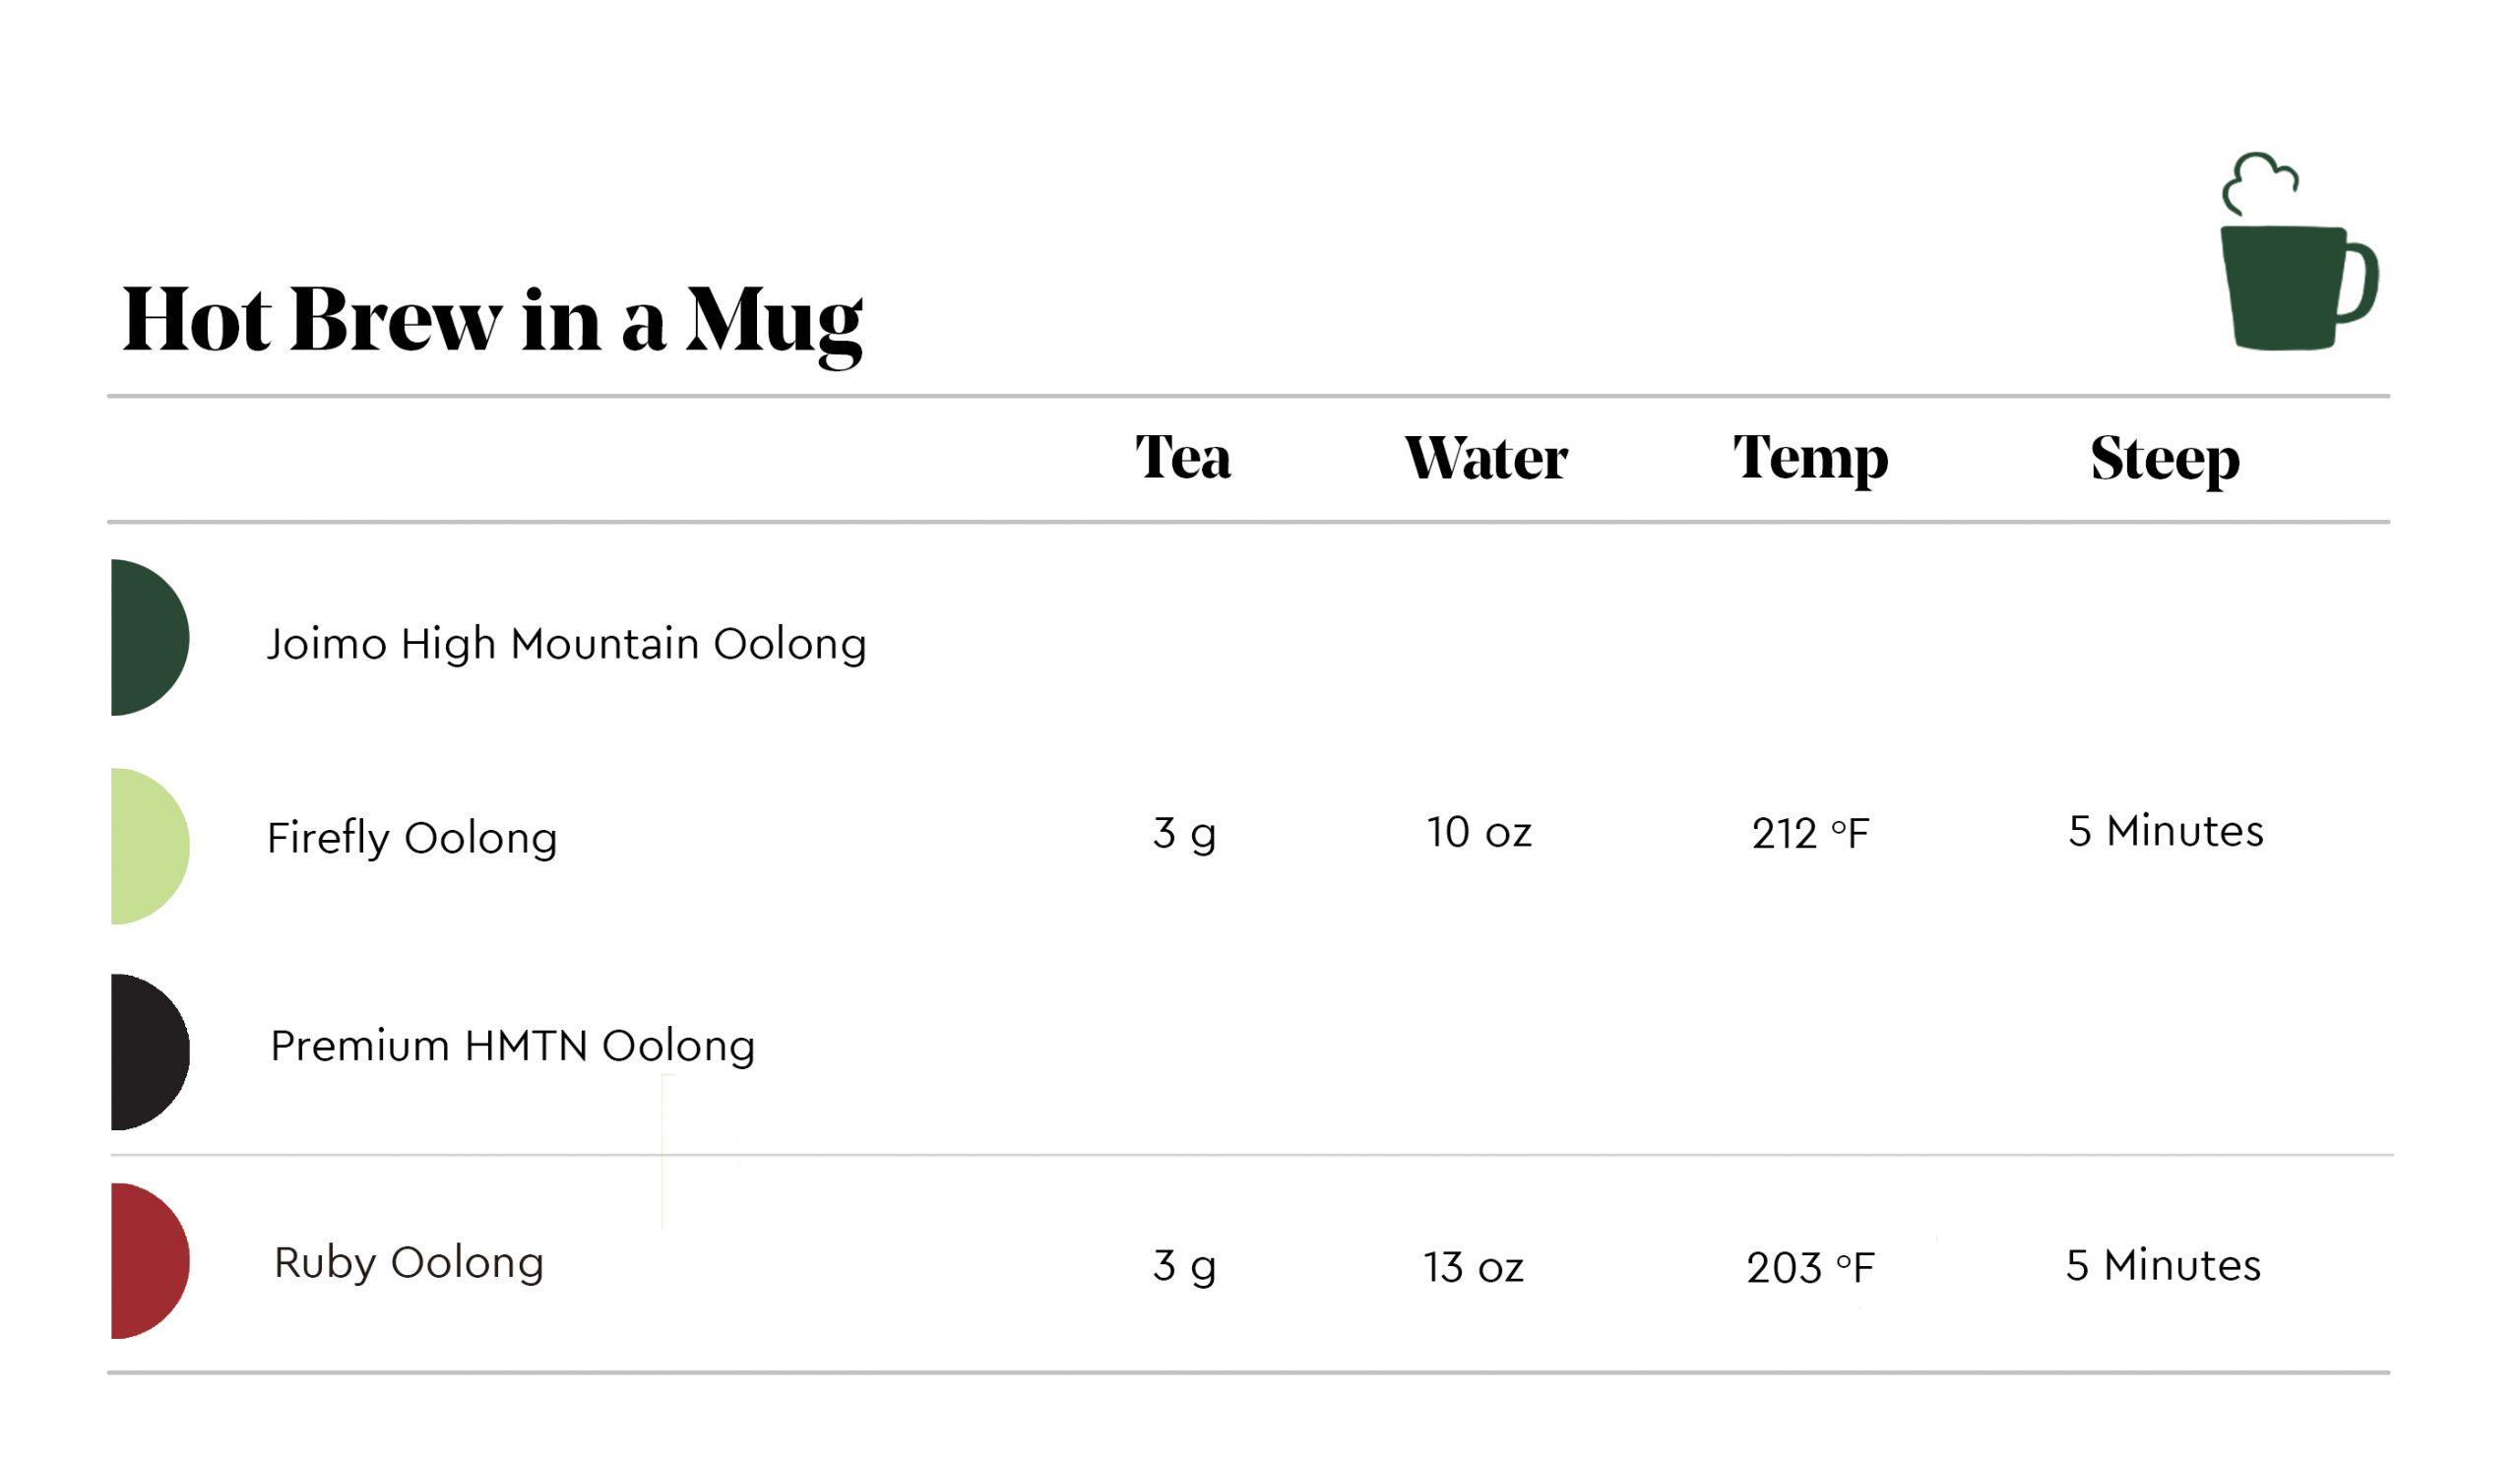 Brew Guide - Hot Brew in a Mug